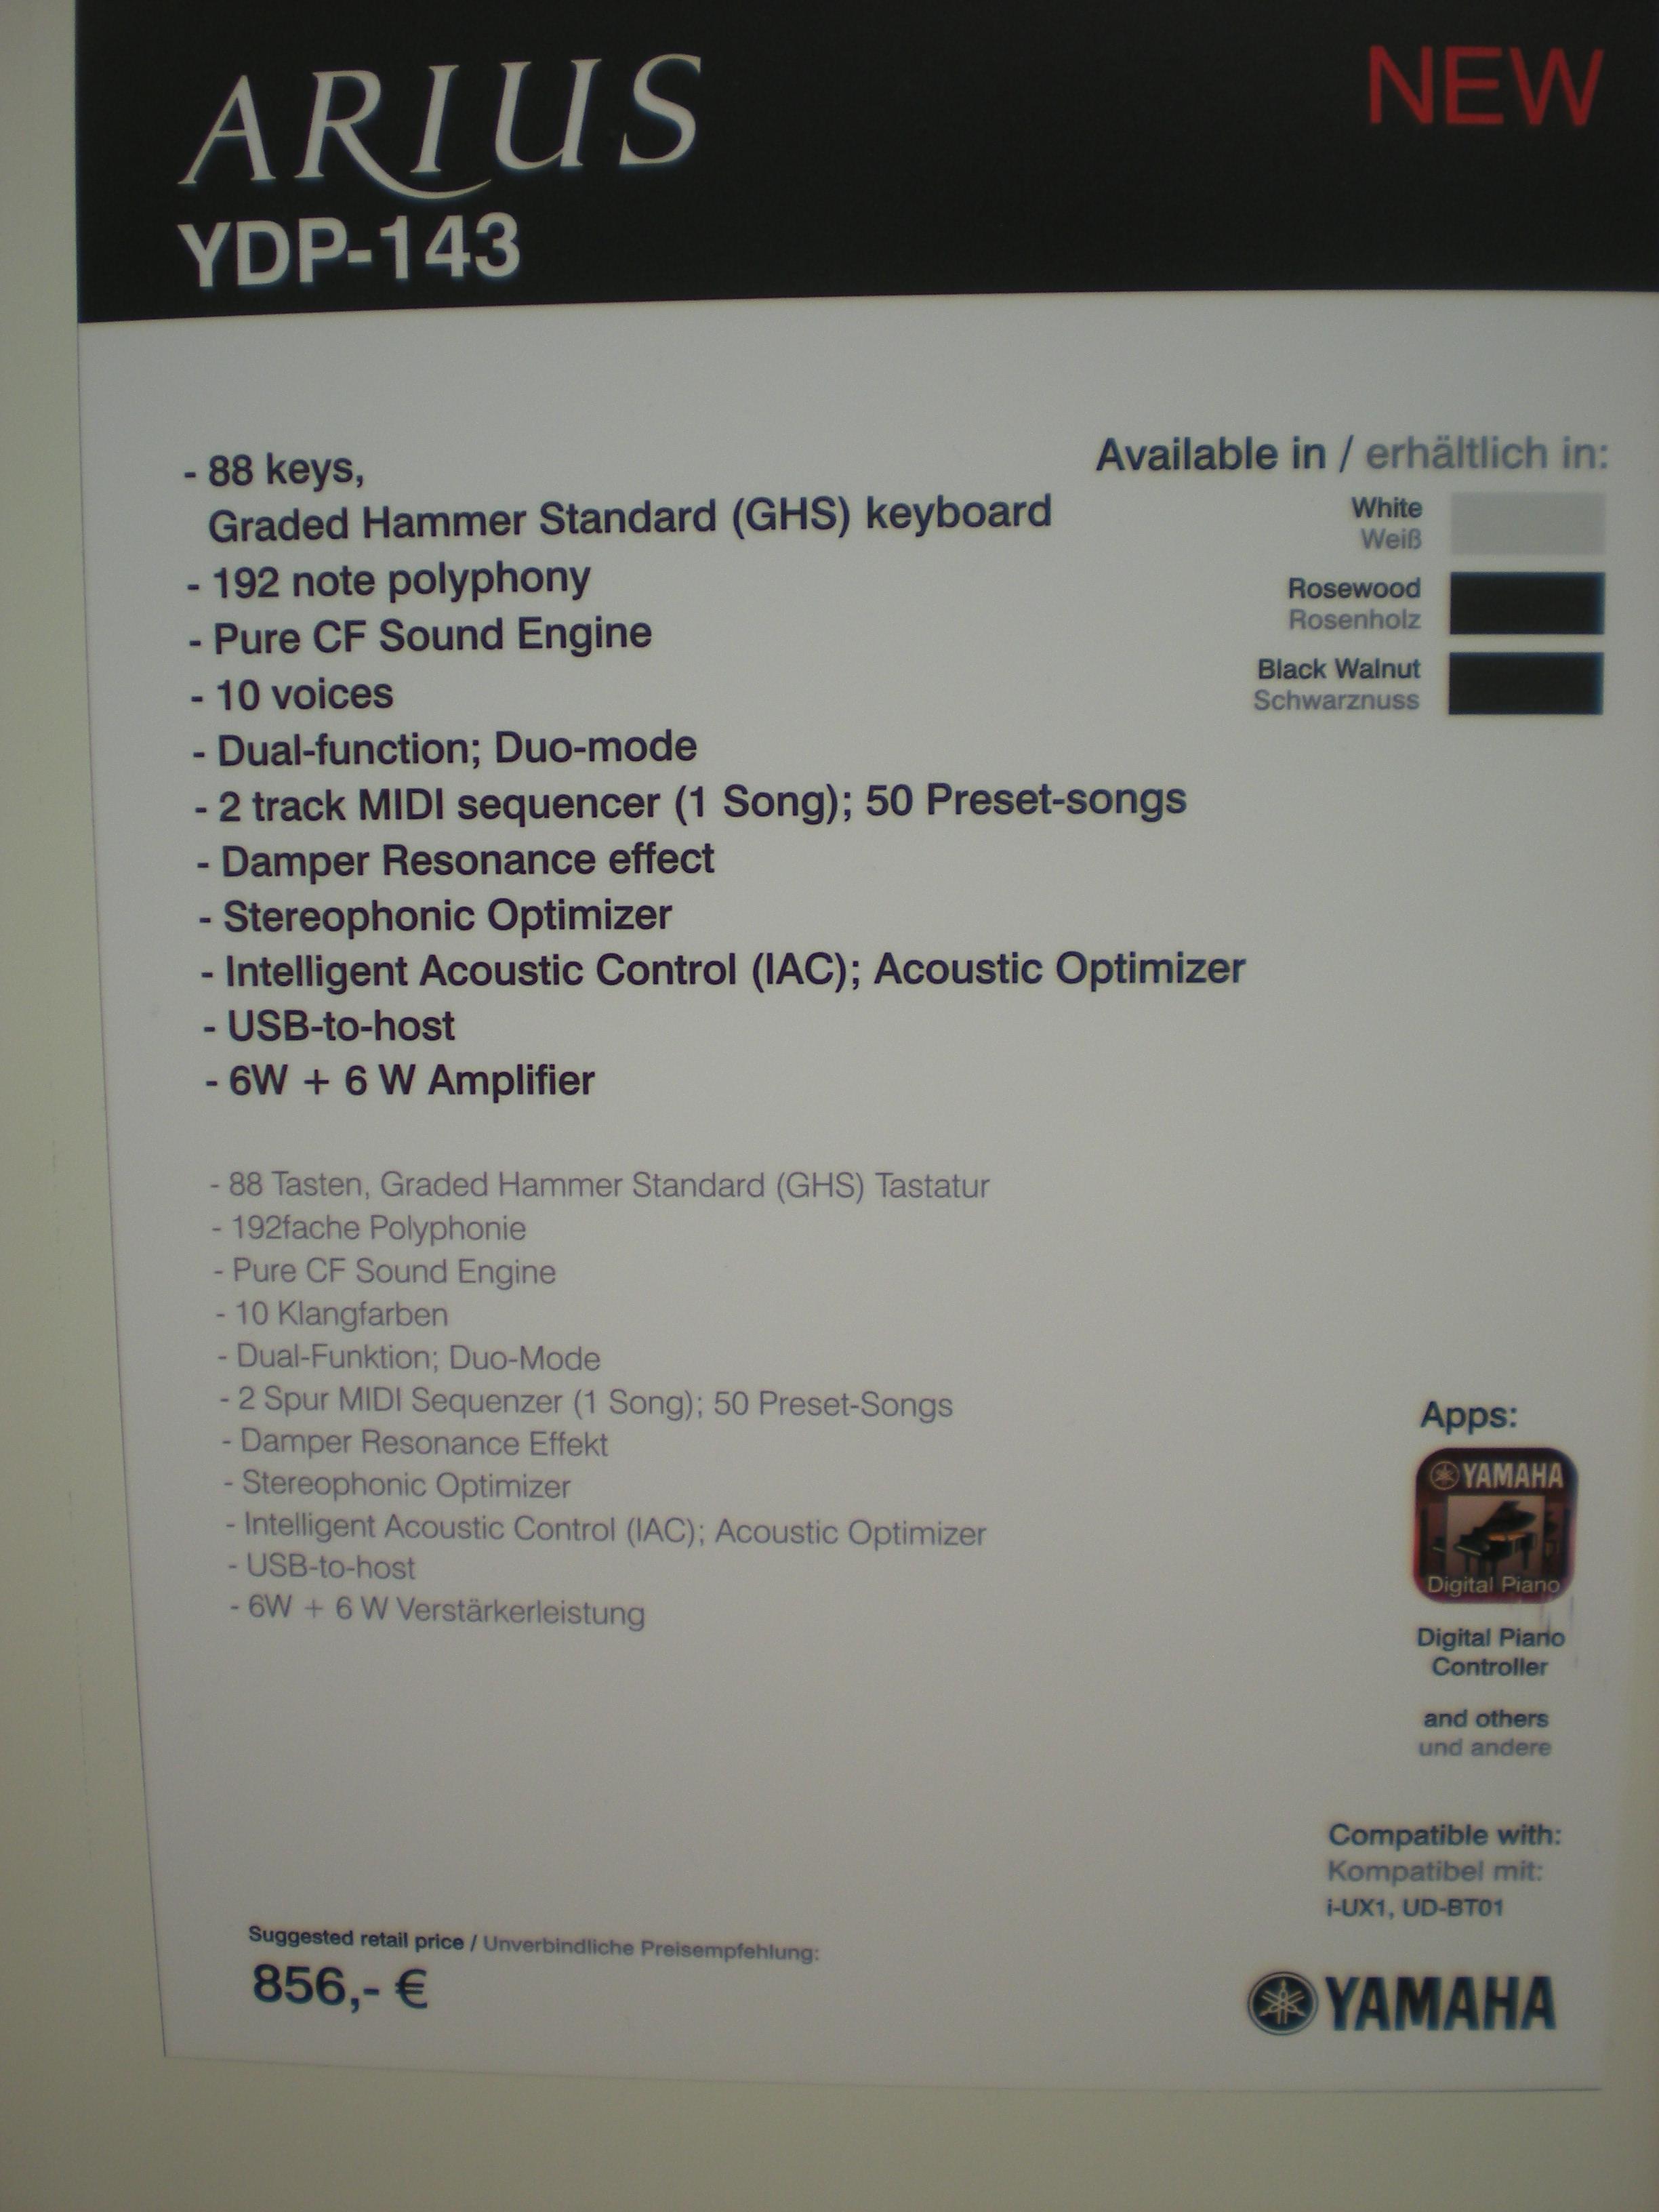 Yamaha YDP-143 specyfikacje